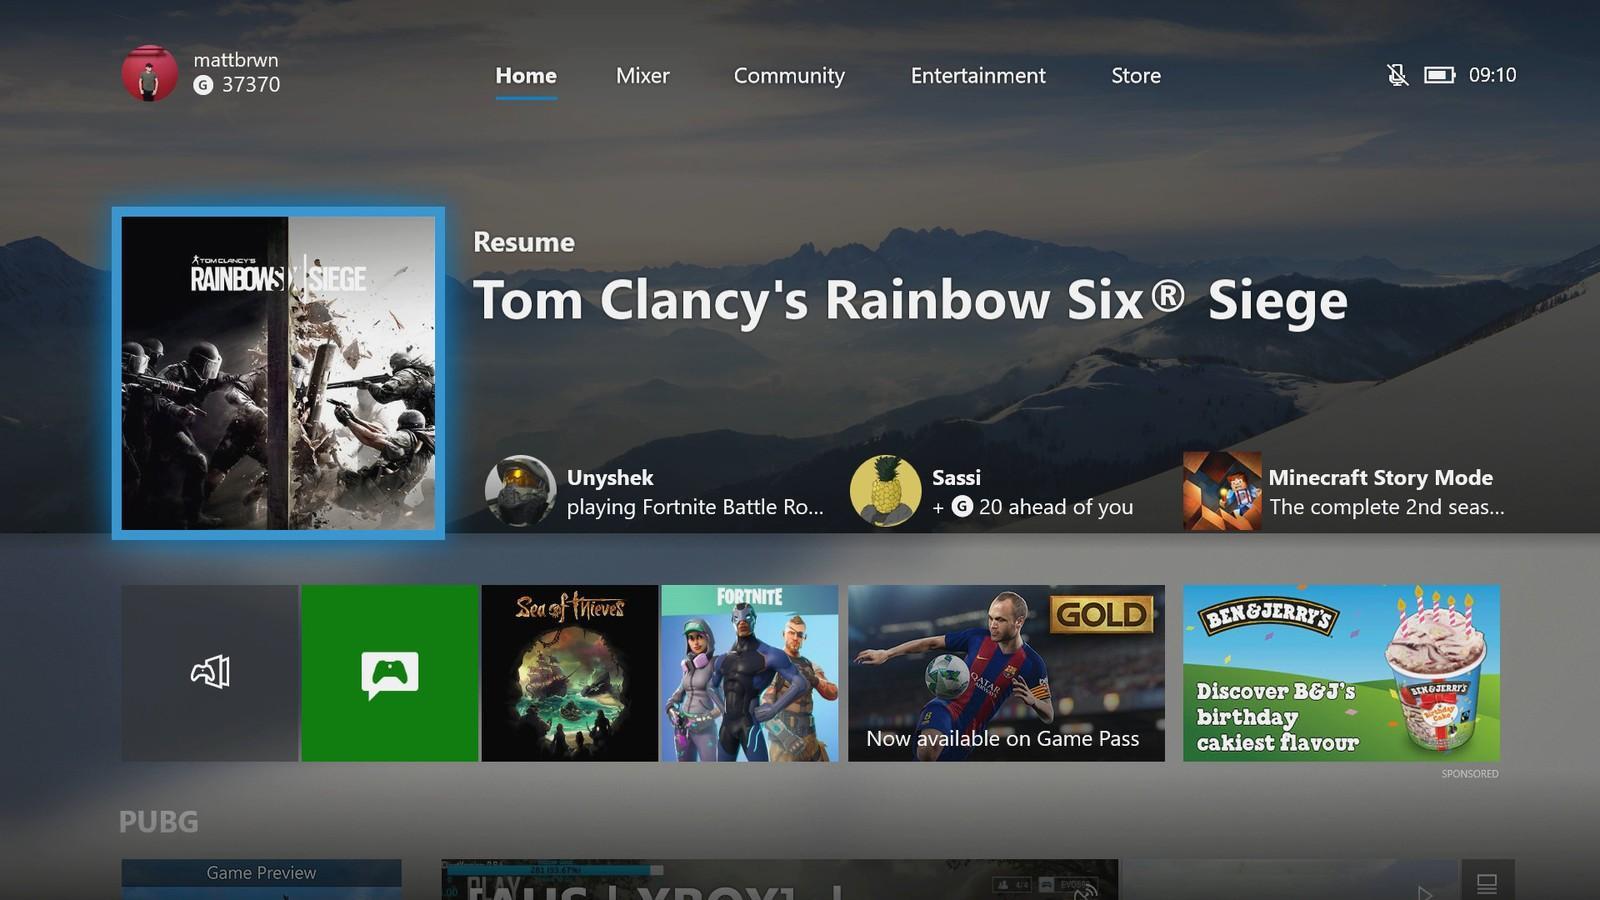 Les jeux Xbox bientôt sur Windows 10 — Microsoft